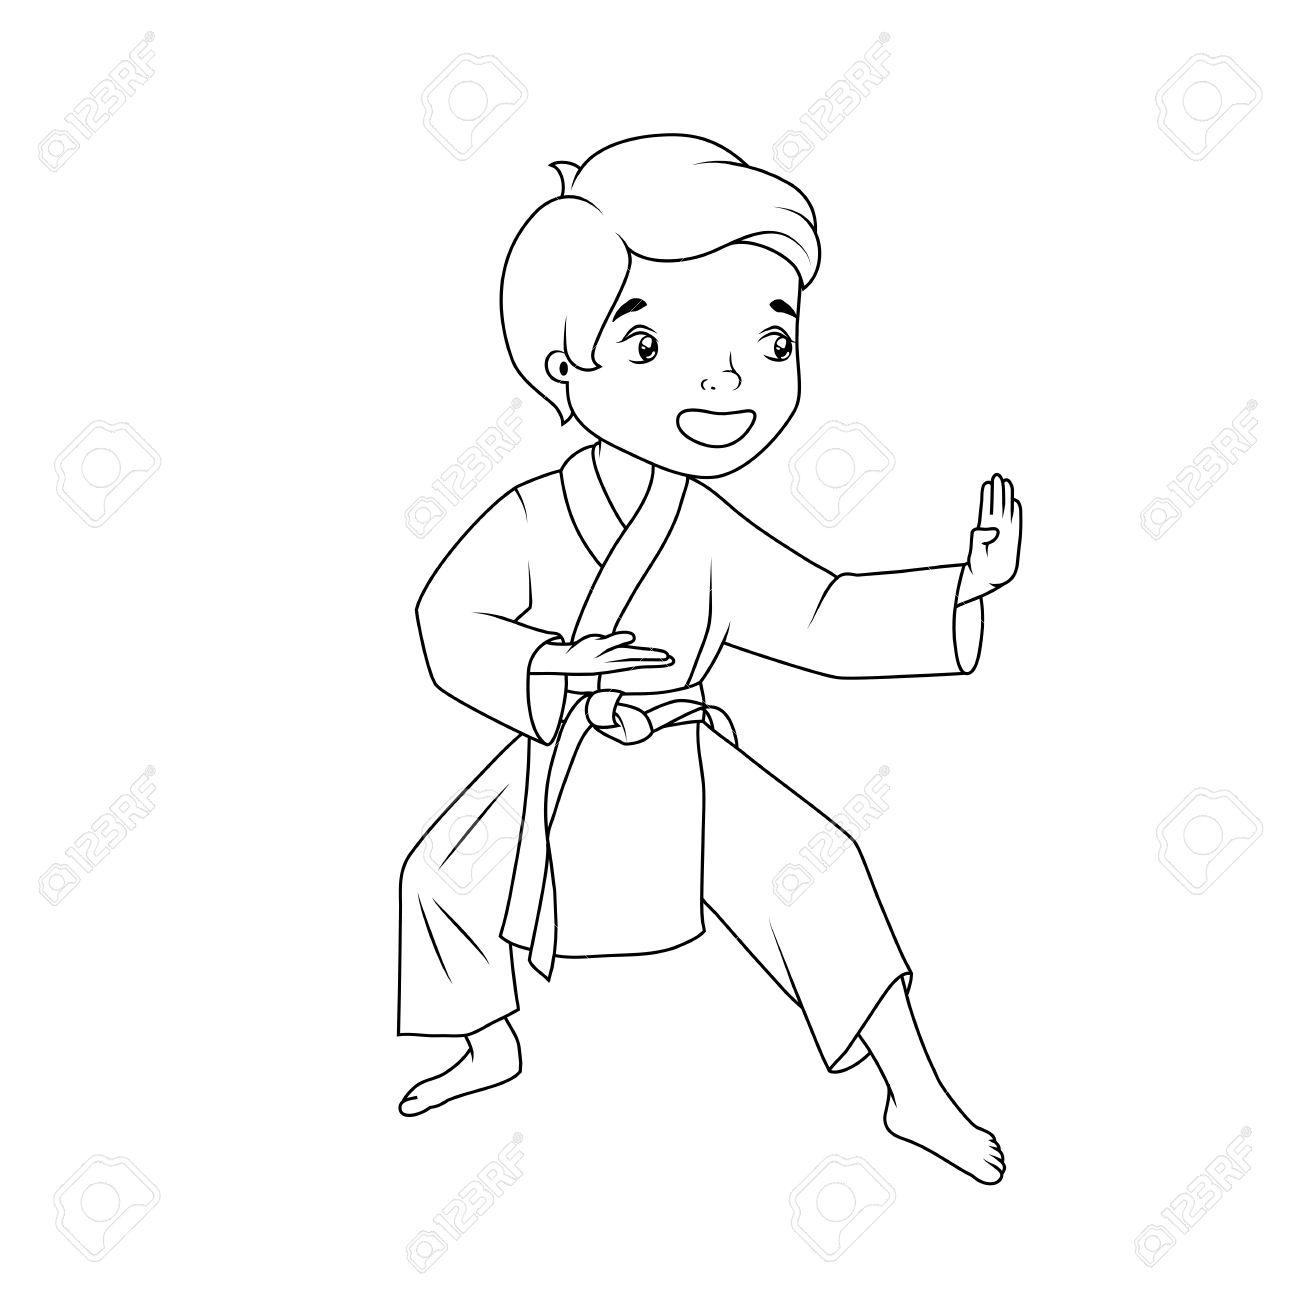 Libro Para Colorear El Niño Pequeño Que Llevaba Practicando Karate Kimono